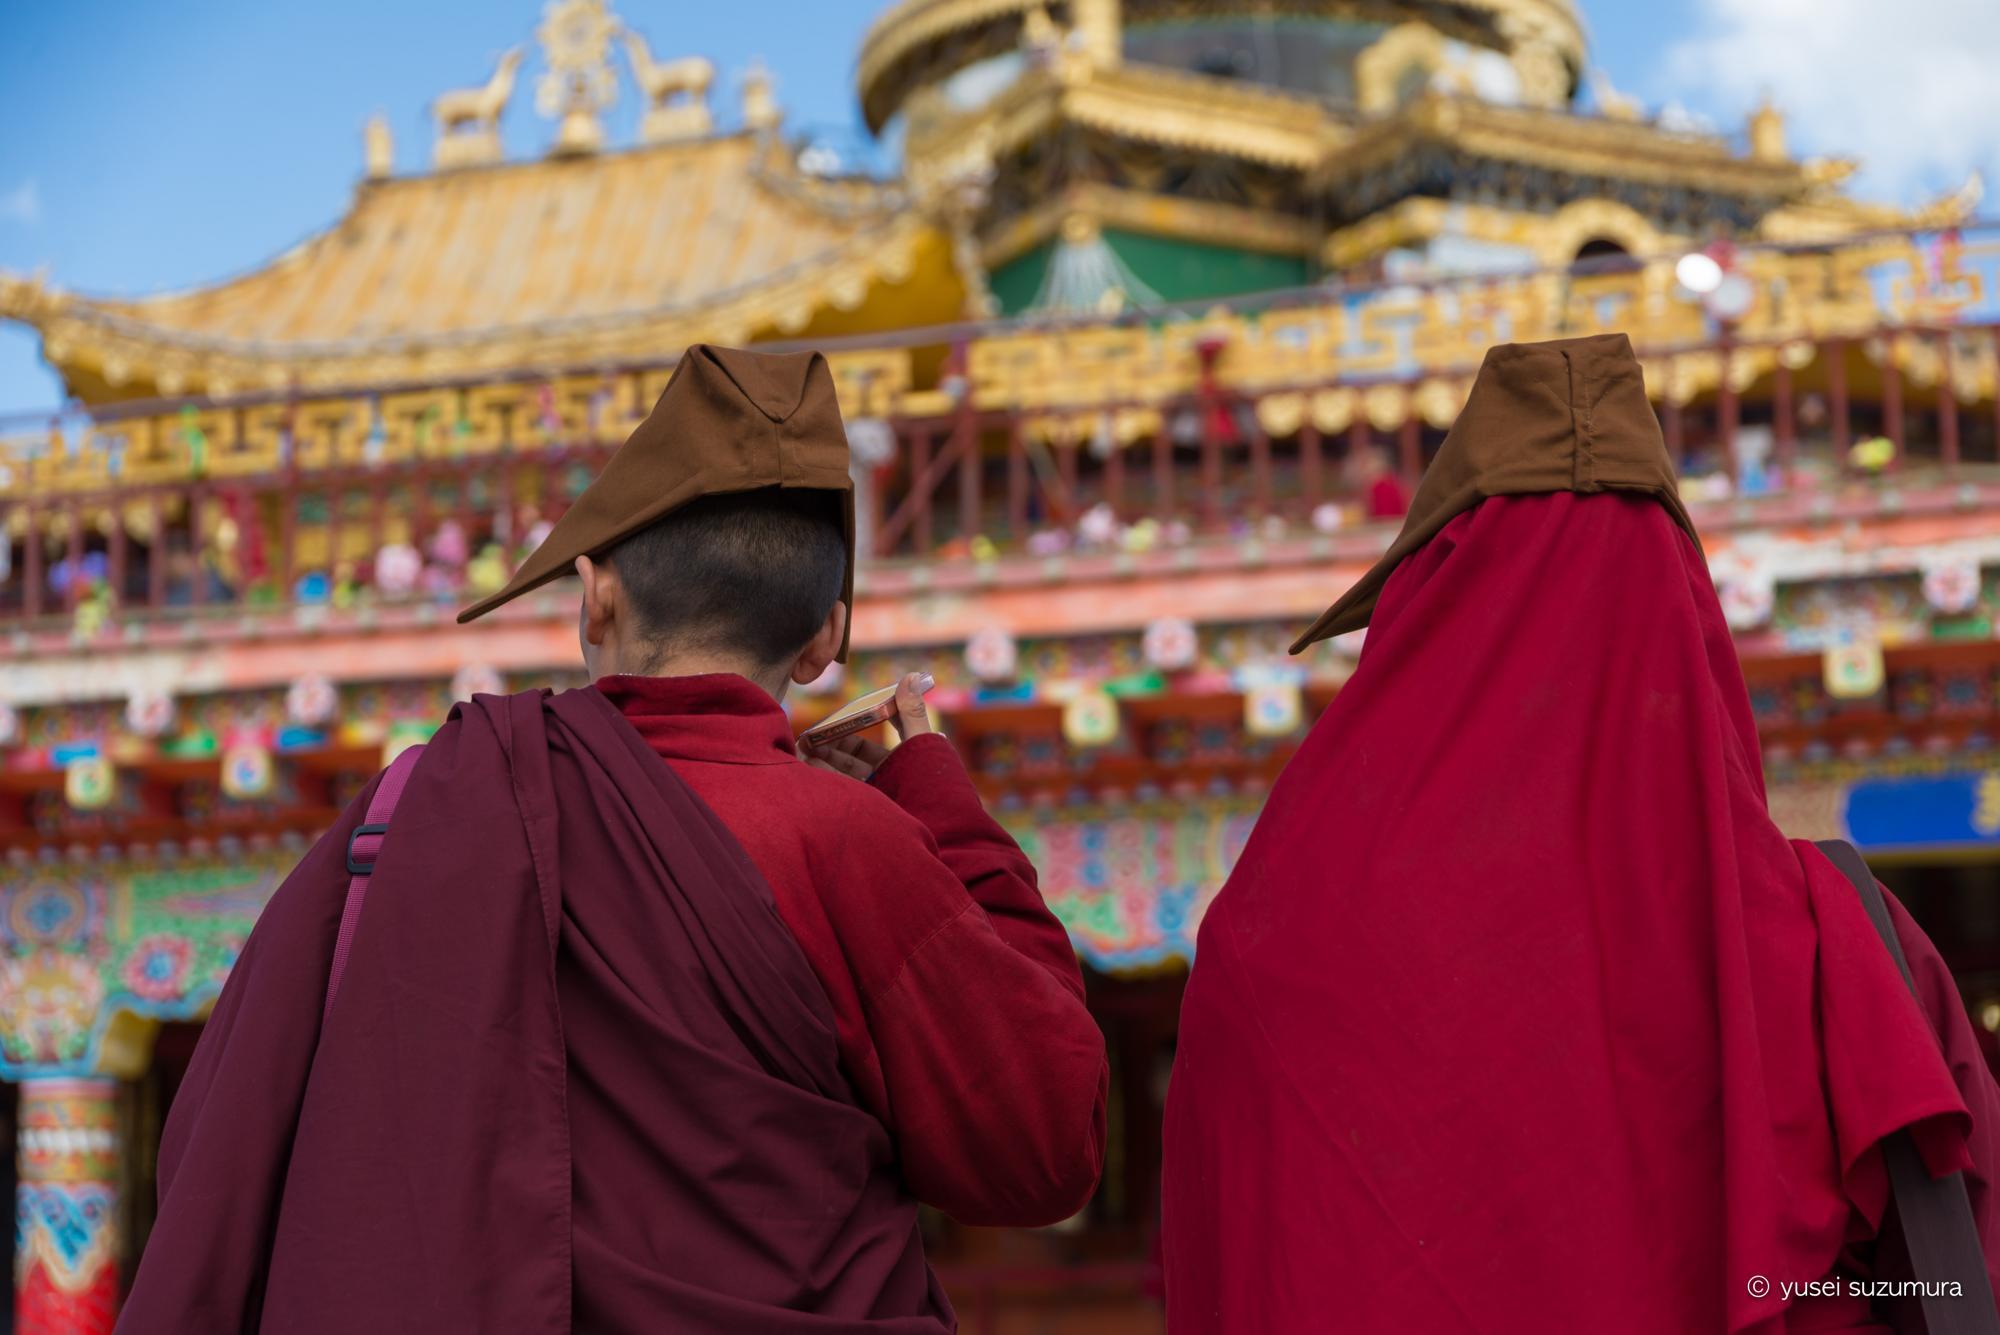 ラルンガルゴンパ チベタン